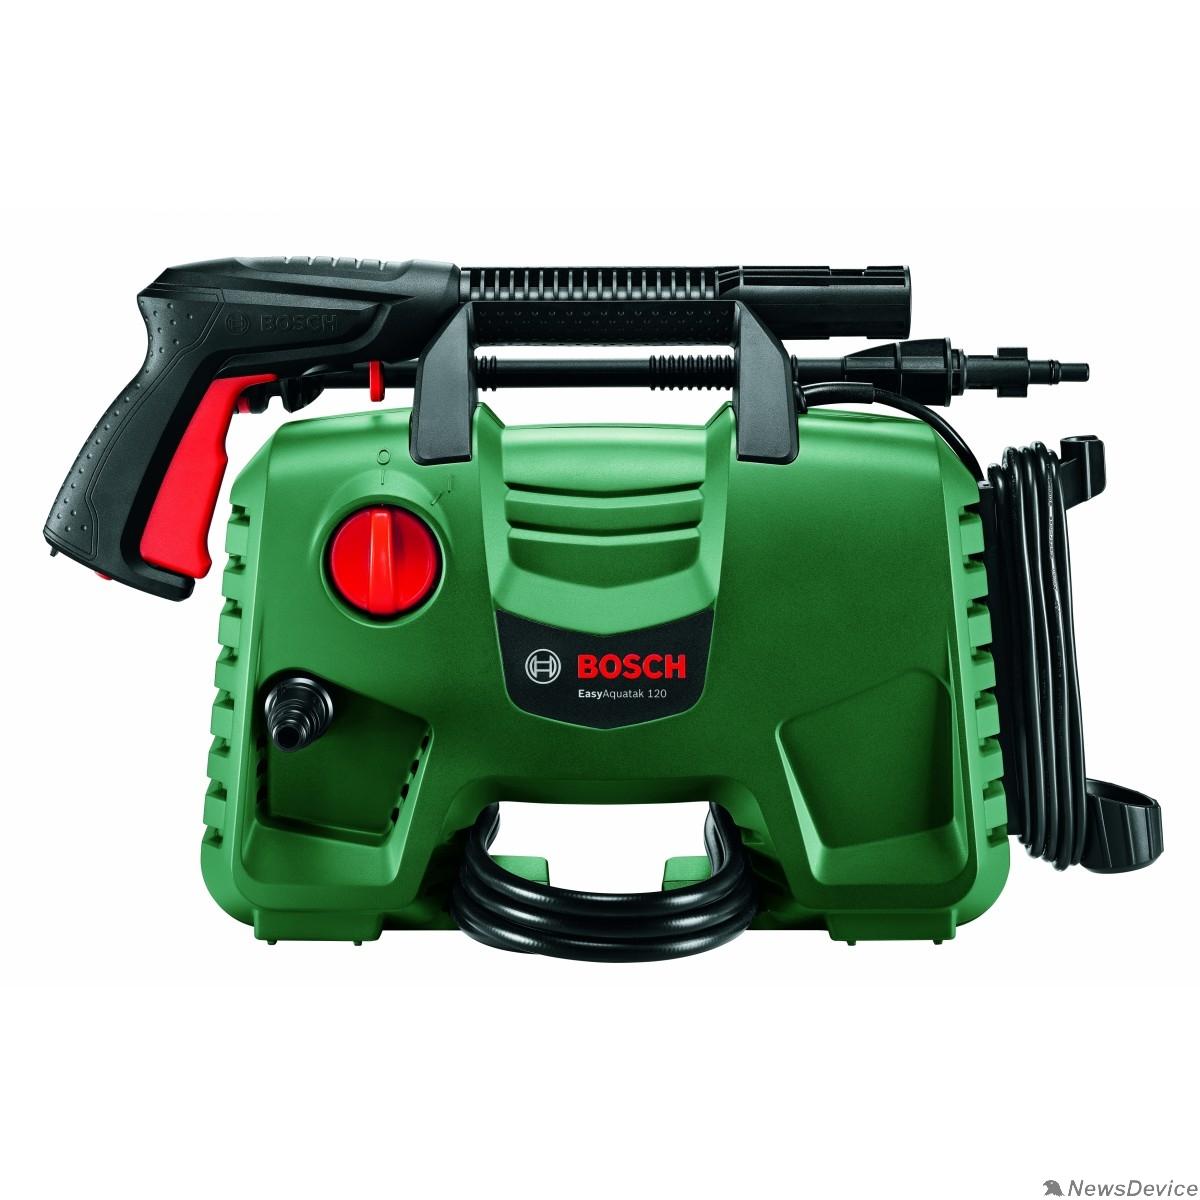 Мойки Bosch EasyAquatak 120 Мойка высокого давления 06008A7901  220-230 В, 120 бар, 350 л/час